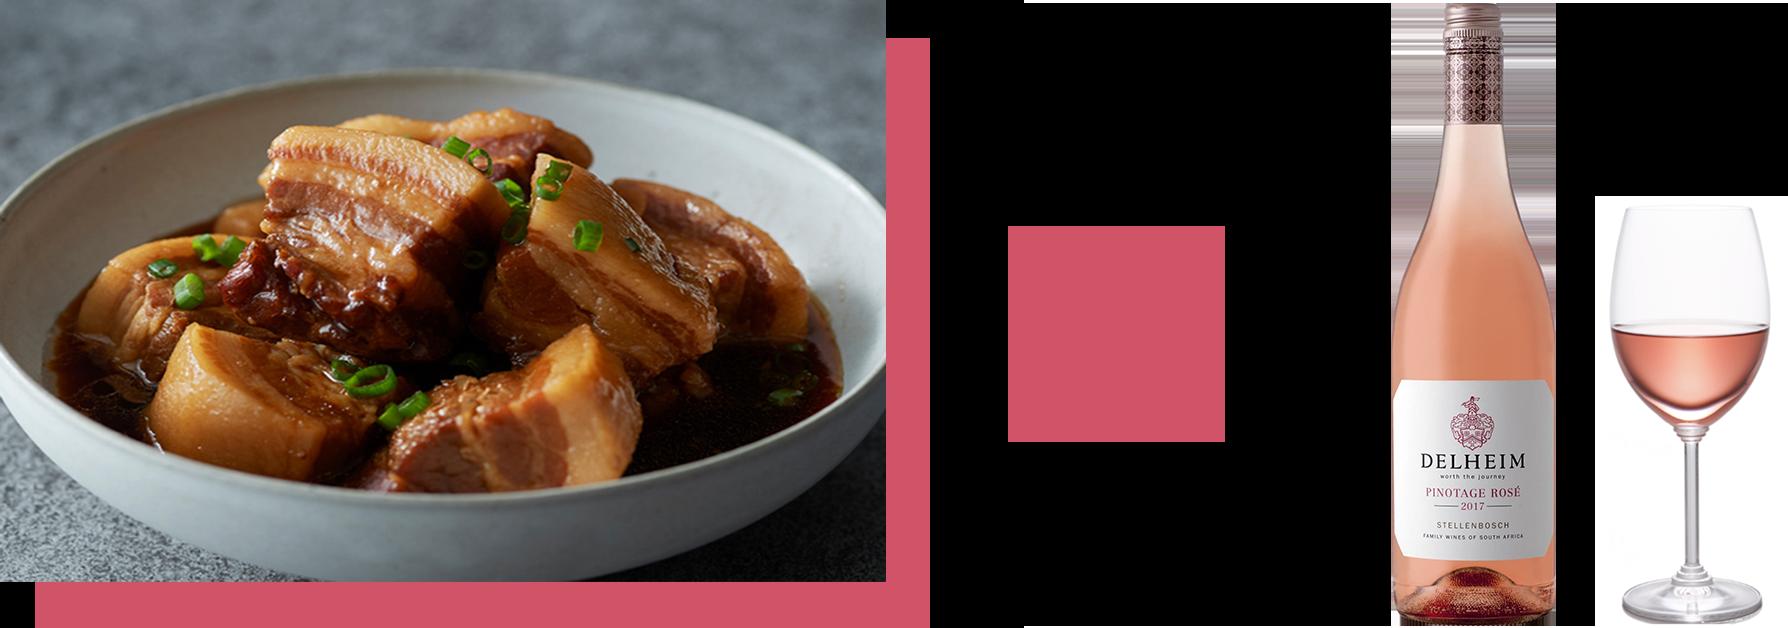 肉(角煮)  ×  デルハイム ピノタージュロゼ